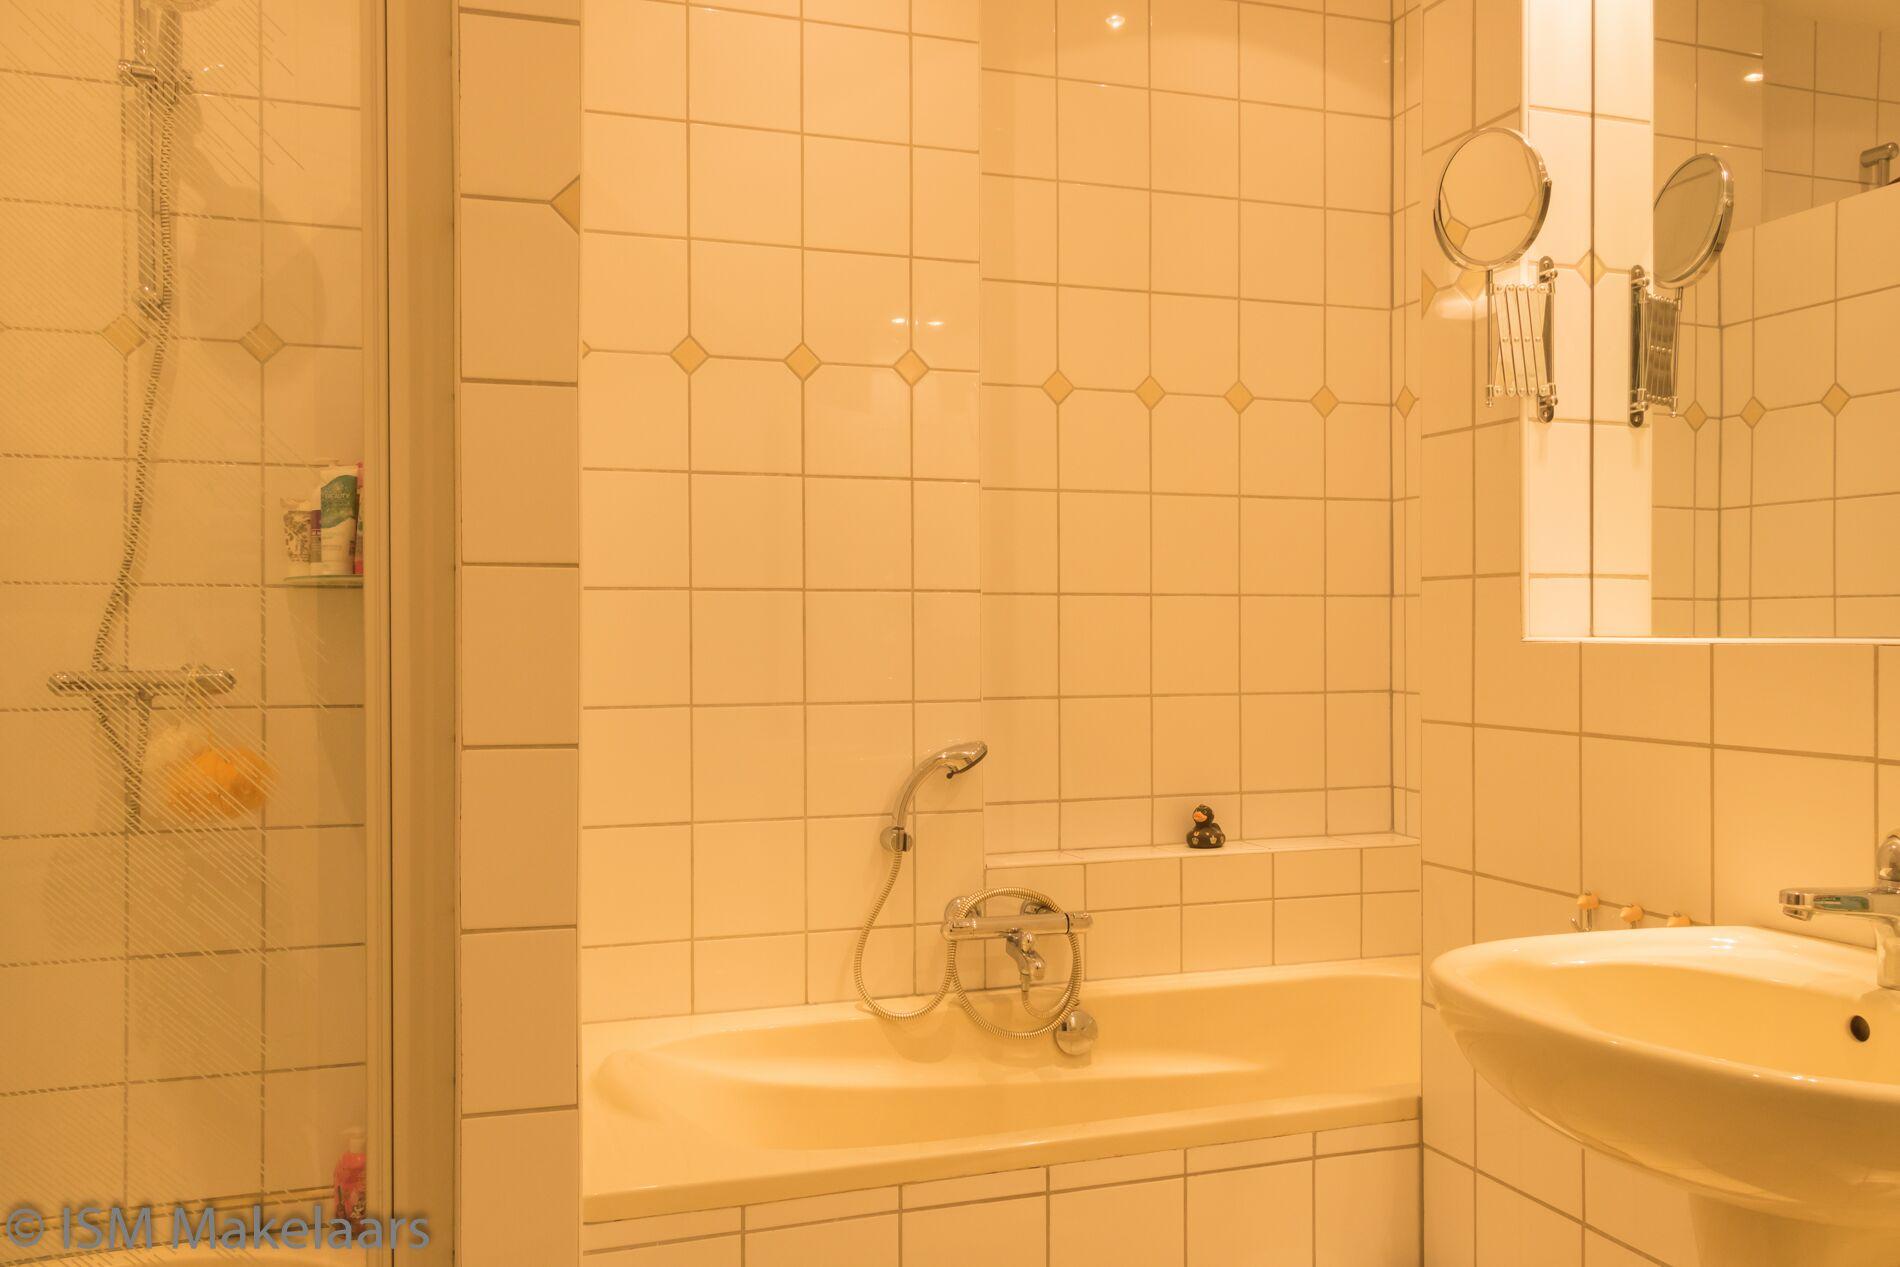 badkamer reigerstraat 10 ISM makelaars